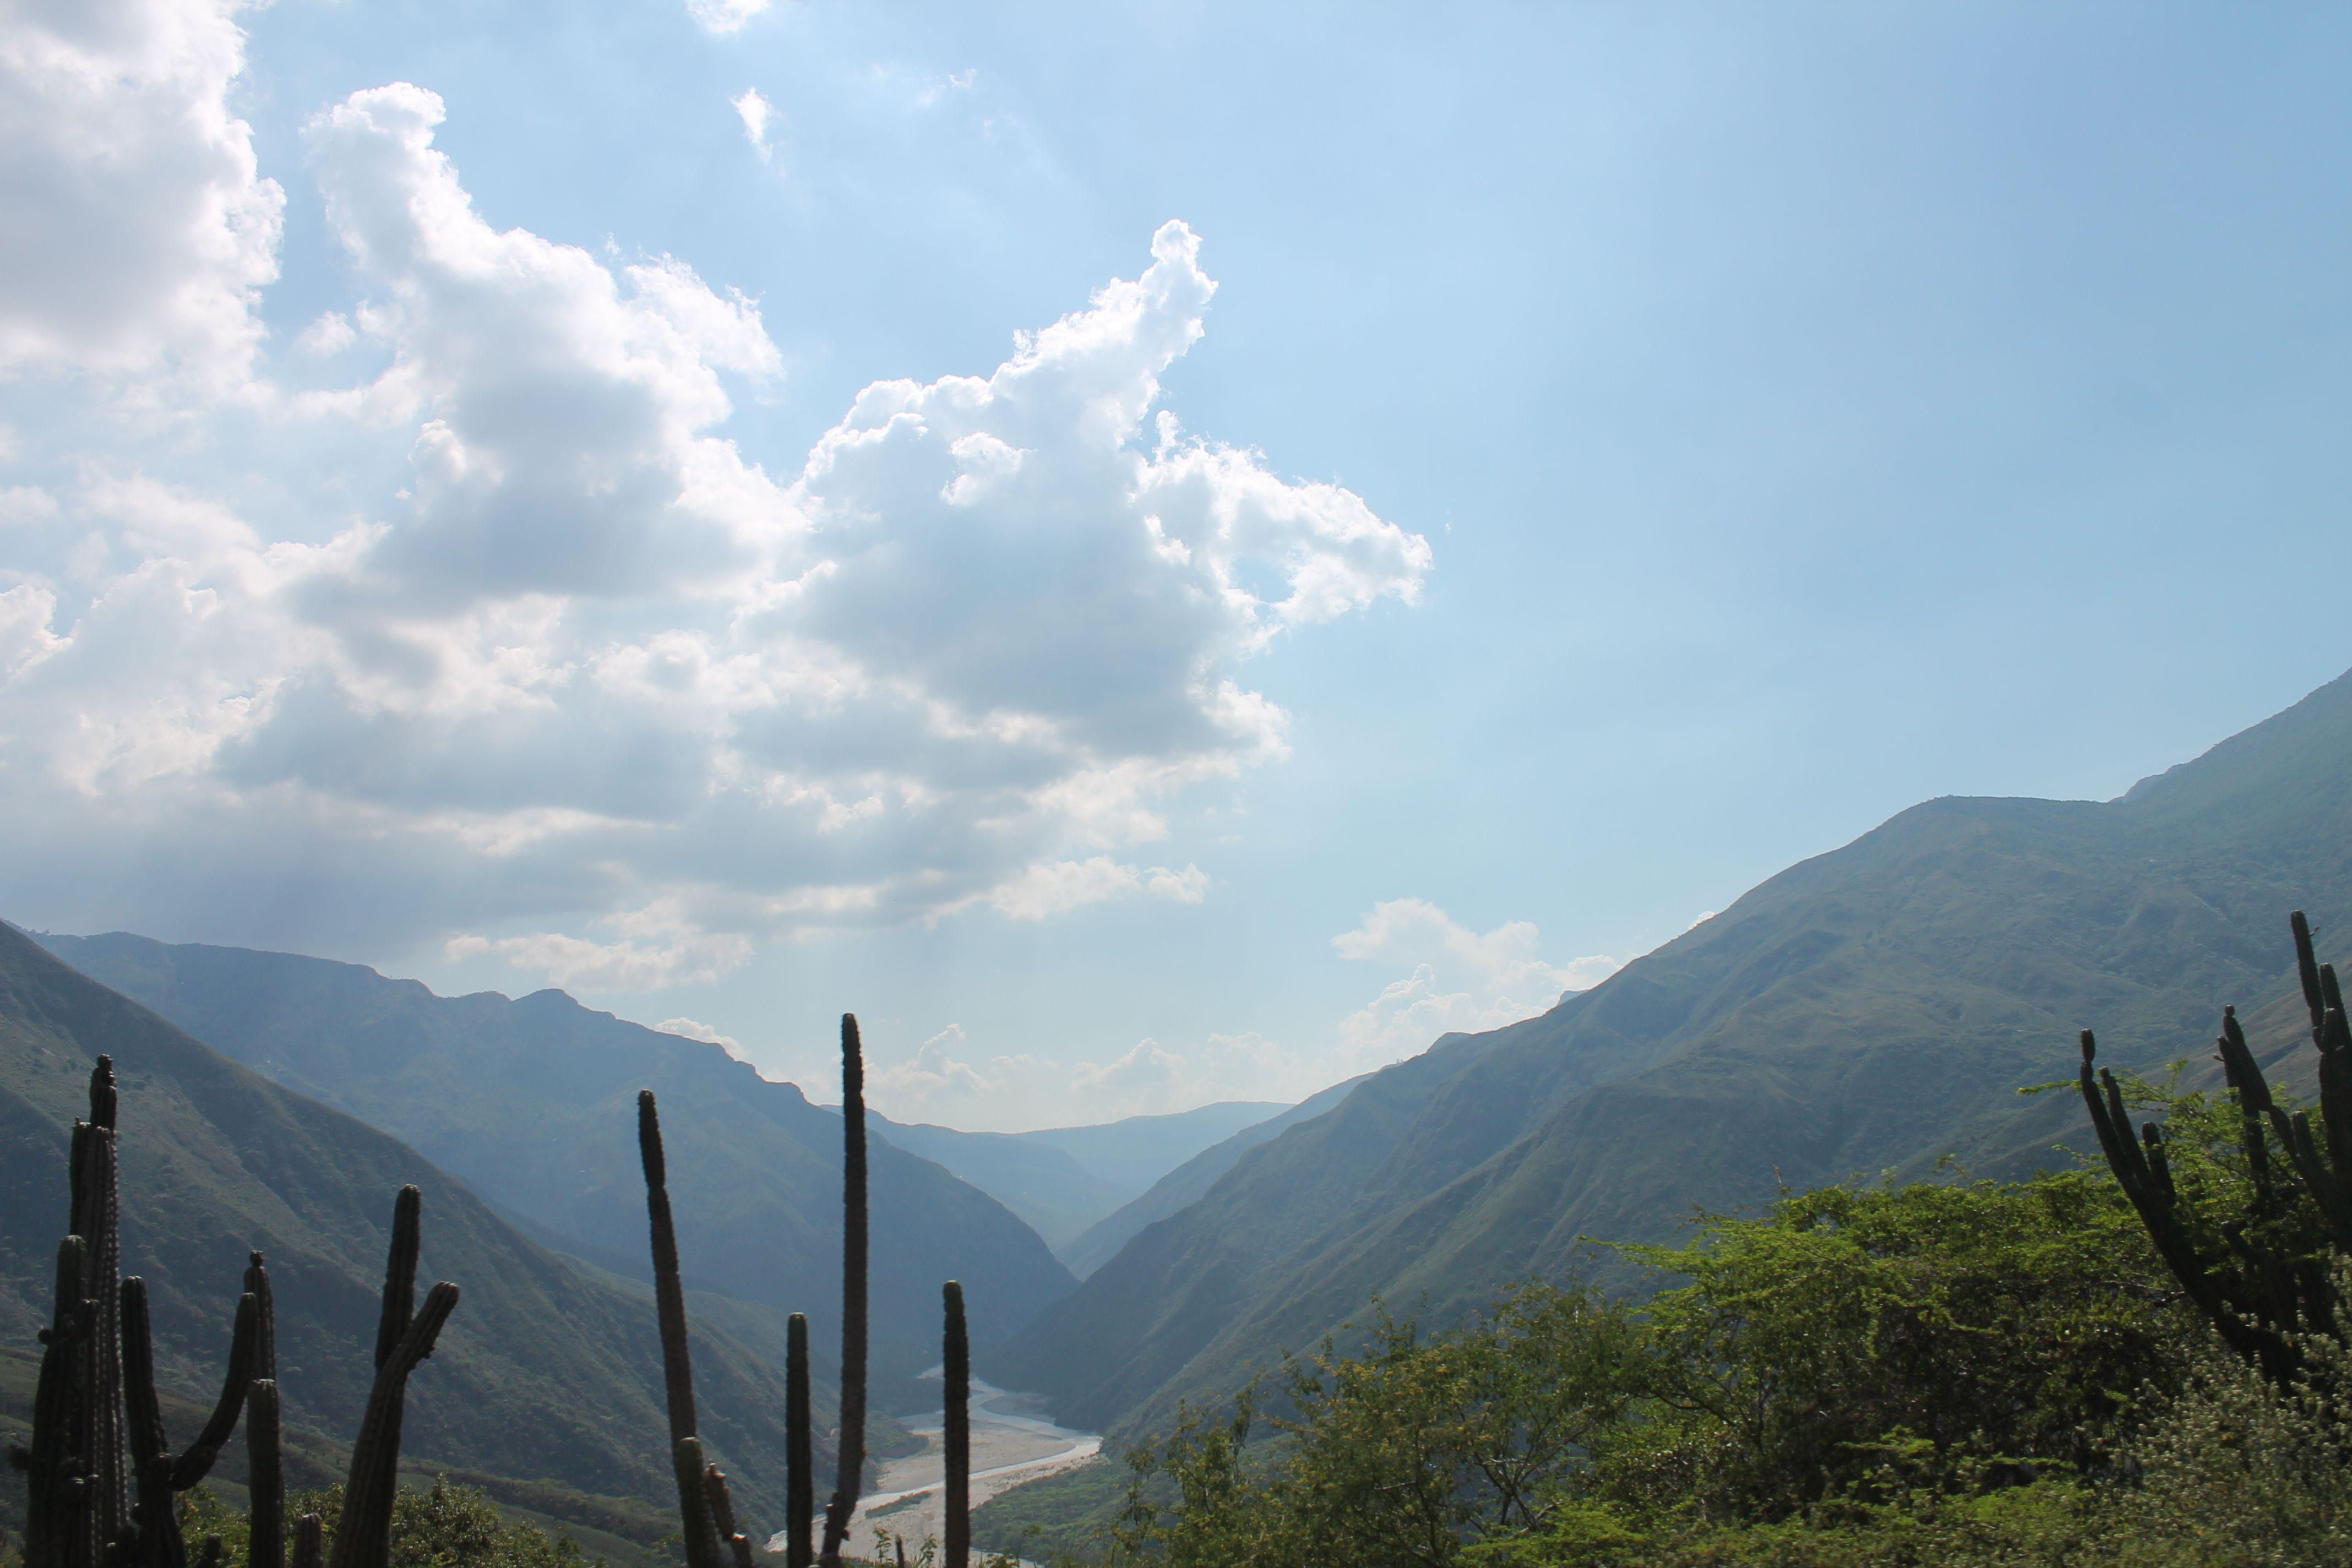 Cañón del chicamocha. Colombia